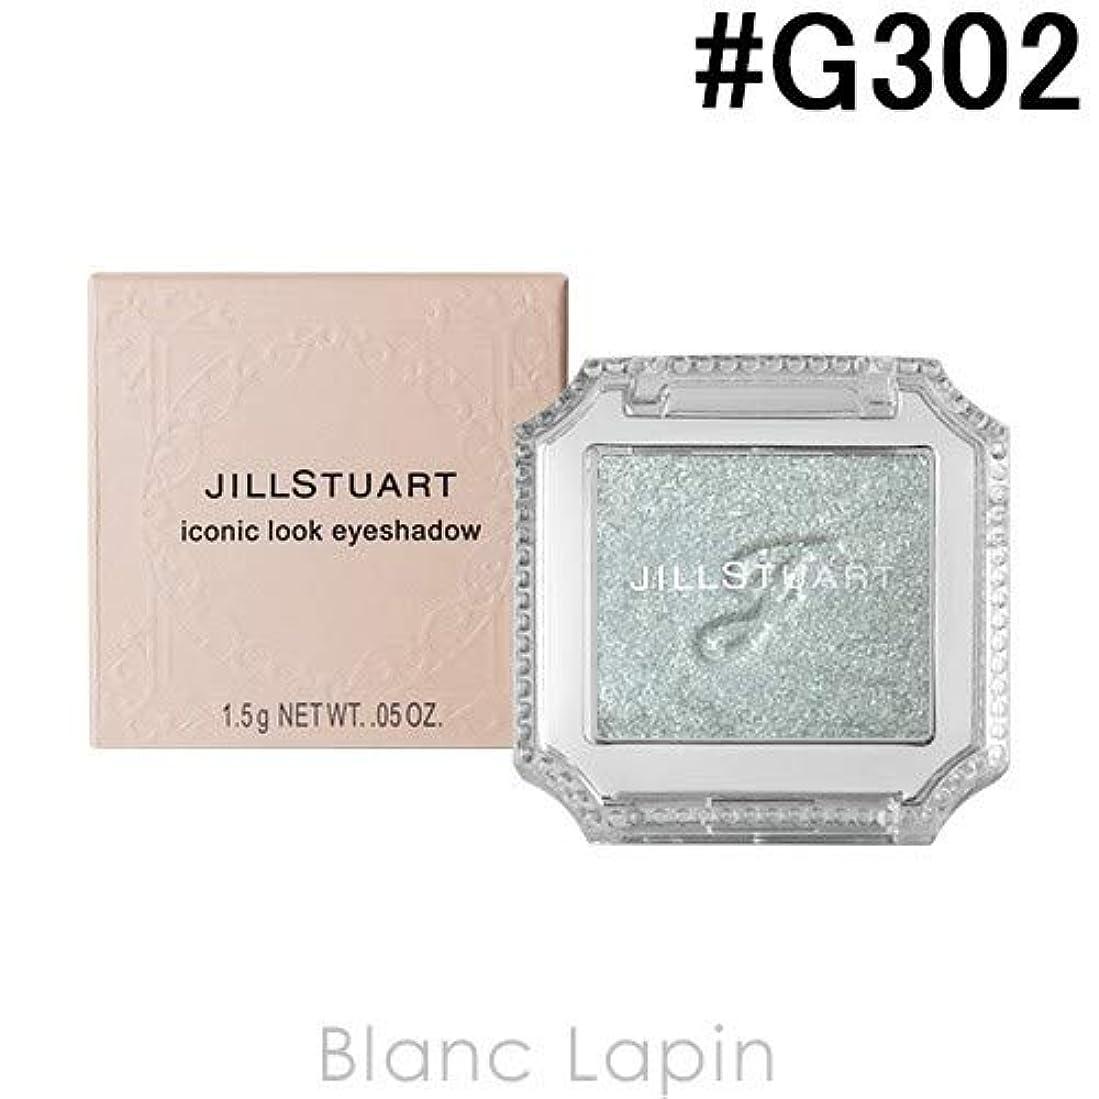 みすぼらしいゆり鎮痛剤ジルスチュアート JILL STUART アイコニックルックアイシャドウ #G302 my darling 1.5g